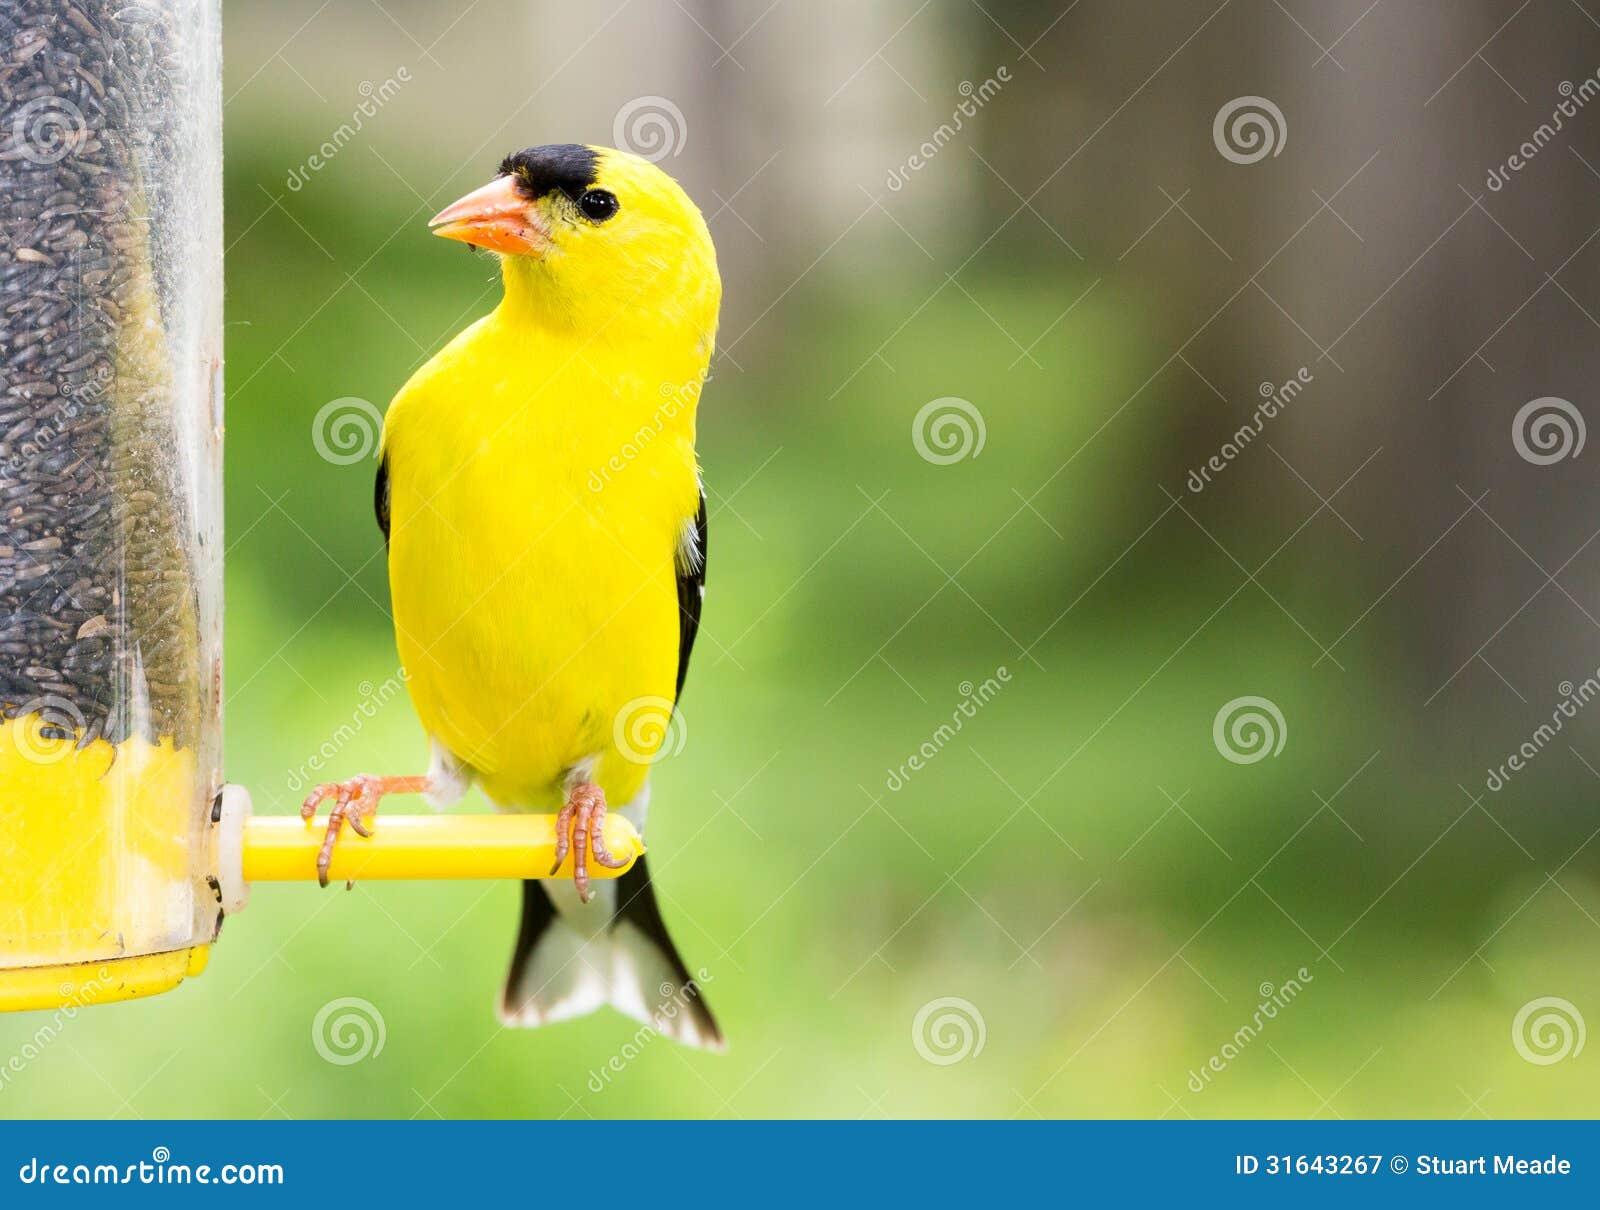 zen old from best yellow feeder evolve pi better birdfeeder good birdfeeders to finch the wbu bird